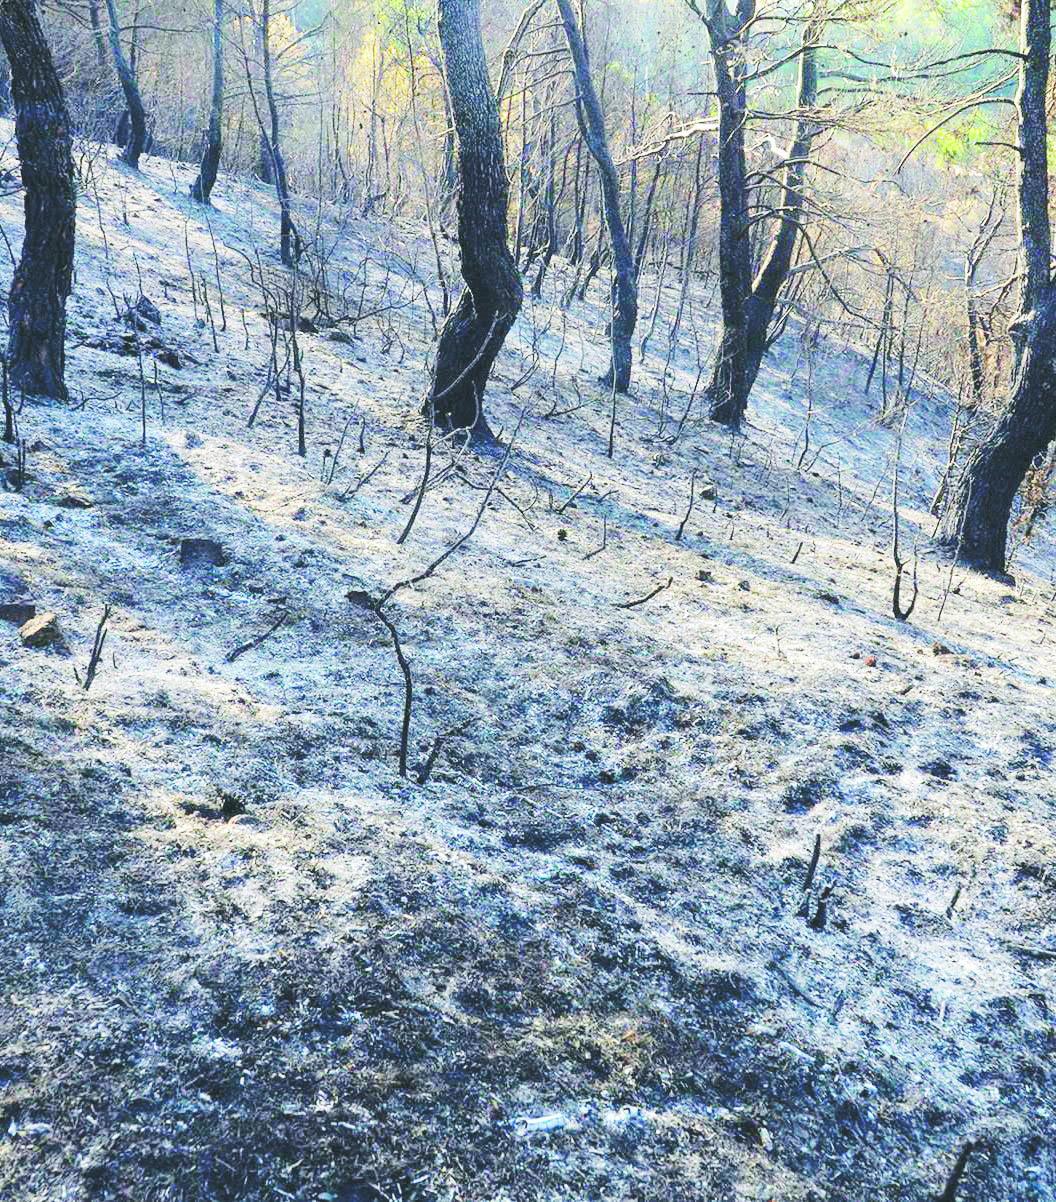 FOTO - Il paesaggio sfregiato, quello che resta dopo un'estate resa rovente dagli incendi